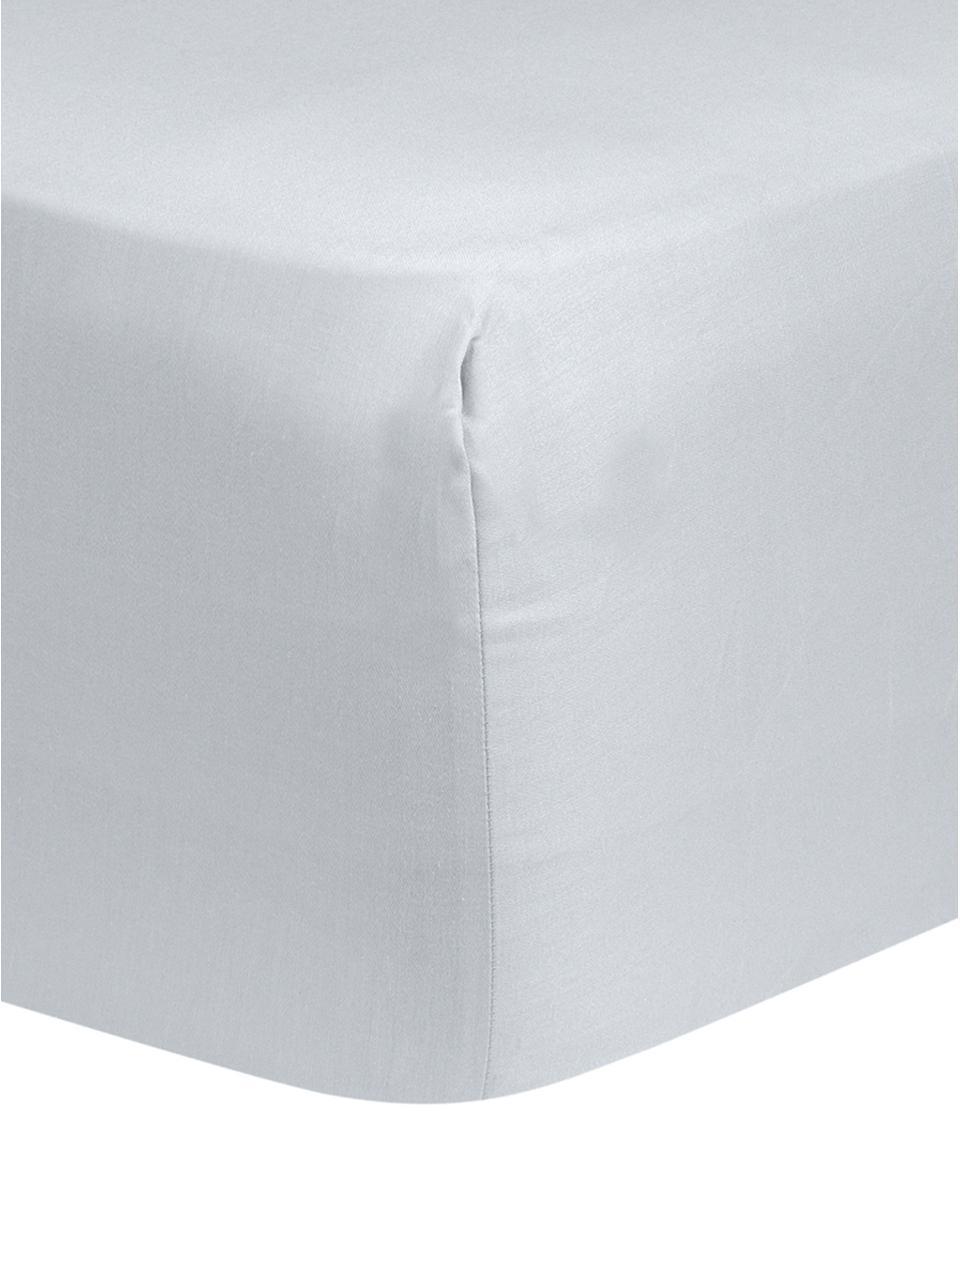 Spannbettlaken Comfort in Hellgrau, Baumwollsatin, Webart: Satin, leicht glänzend, Hellgrau, 160 x 200 cm